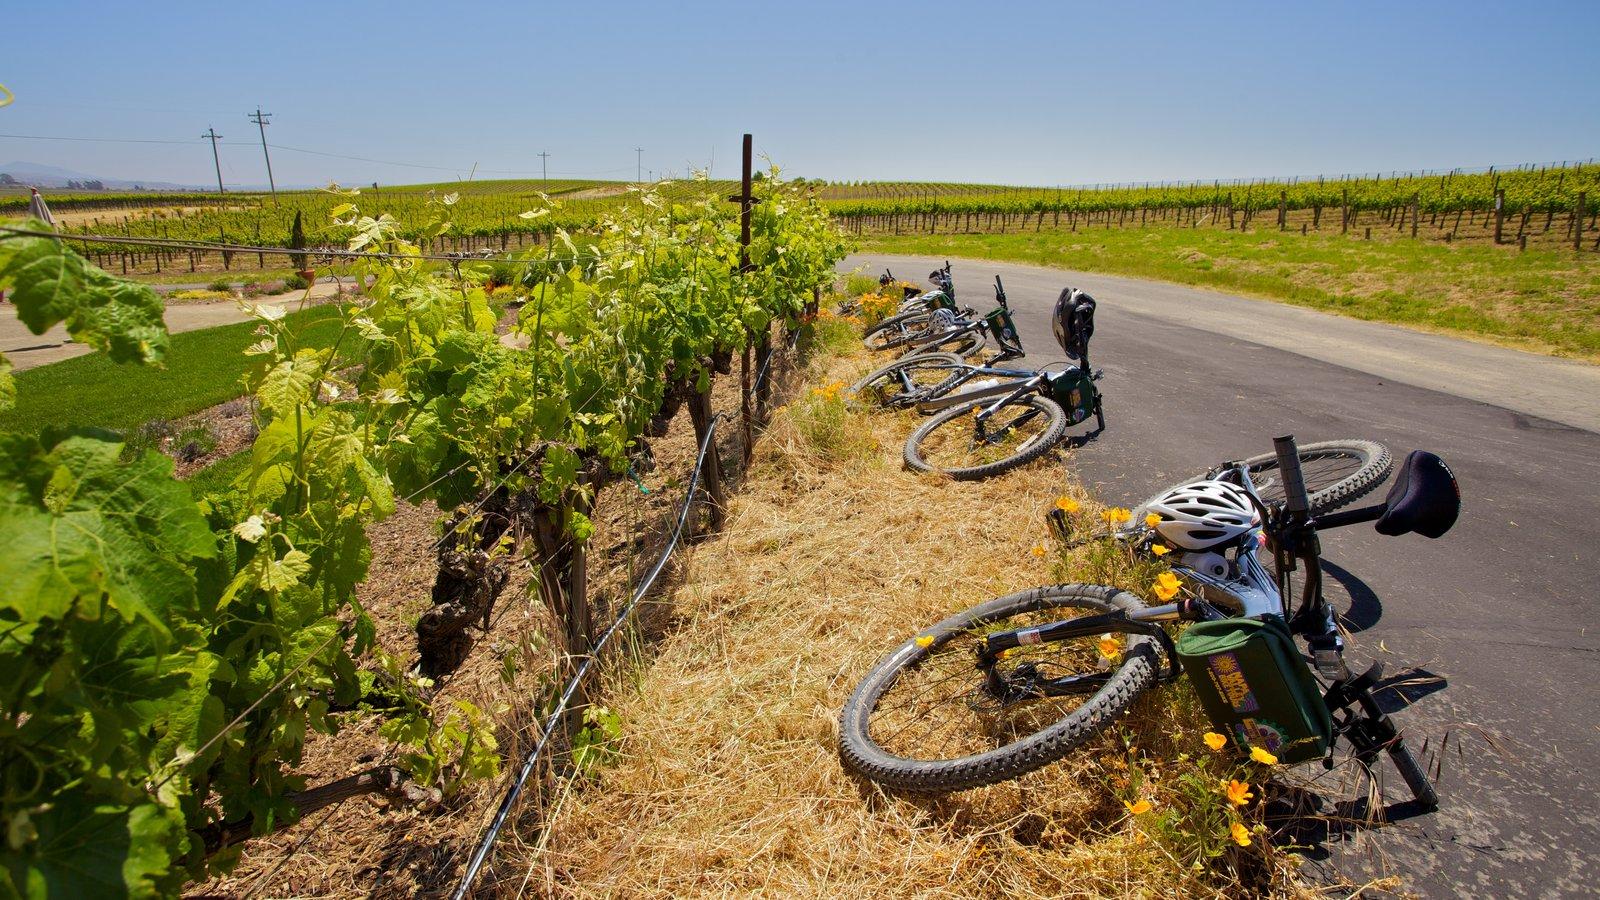 Napa Valley mostrando ciclismo de montaña, tierras de cultivo y vistas de paisajes